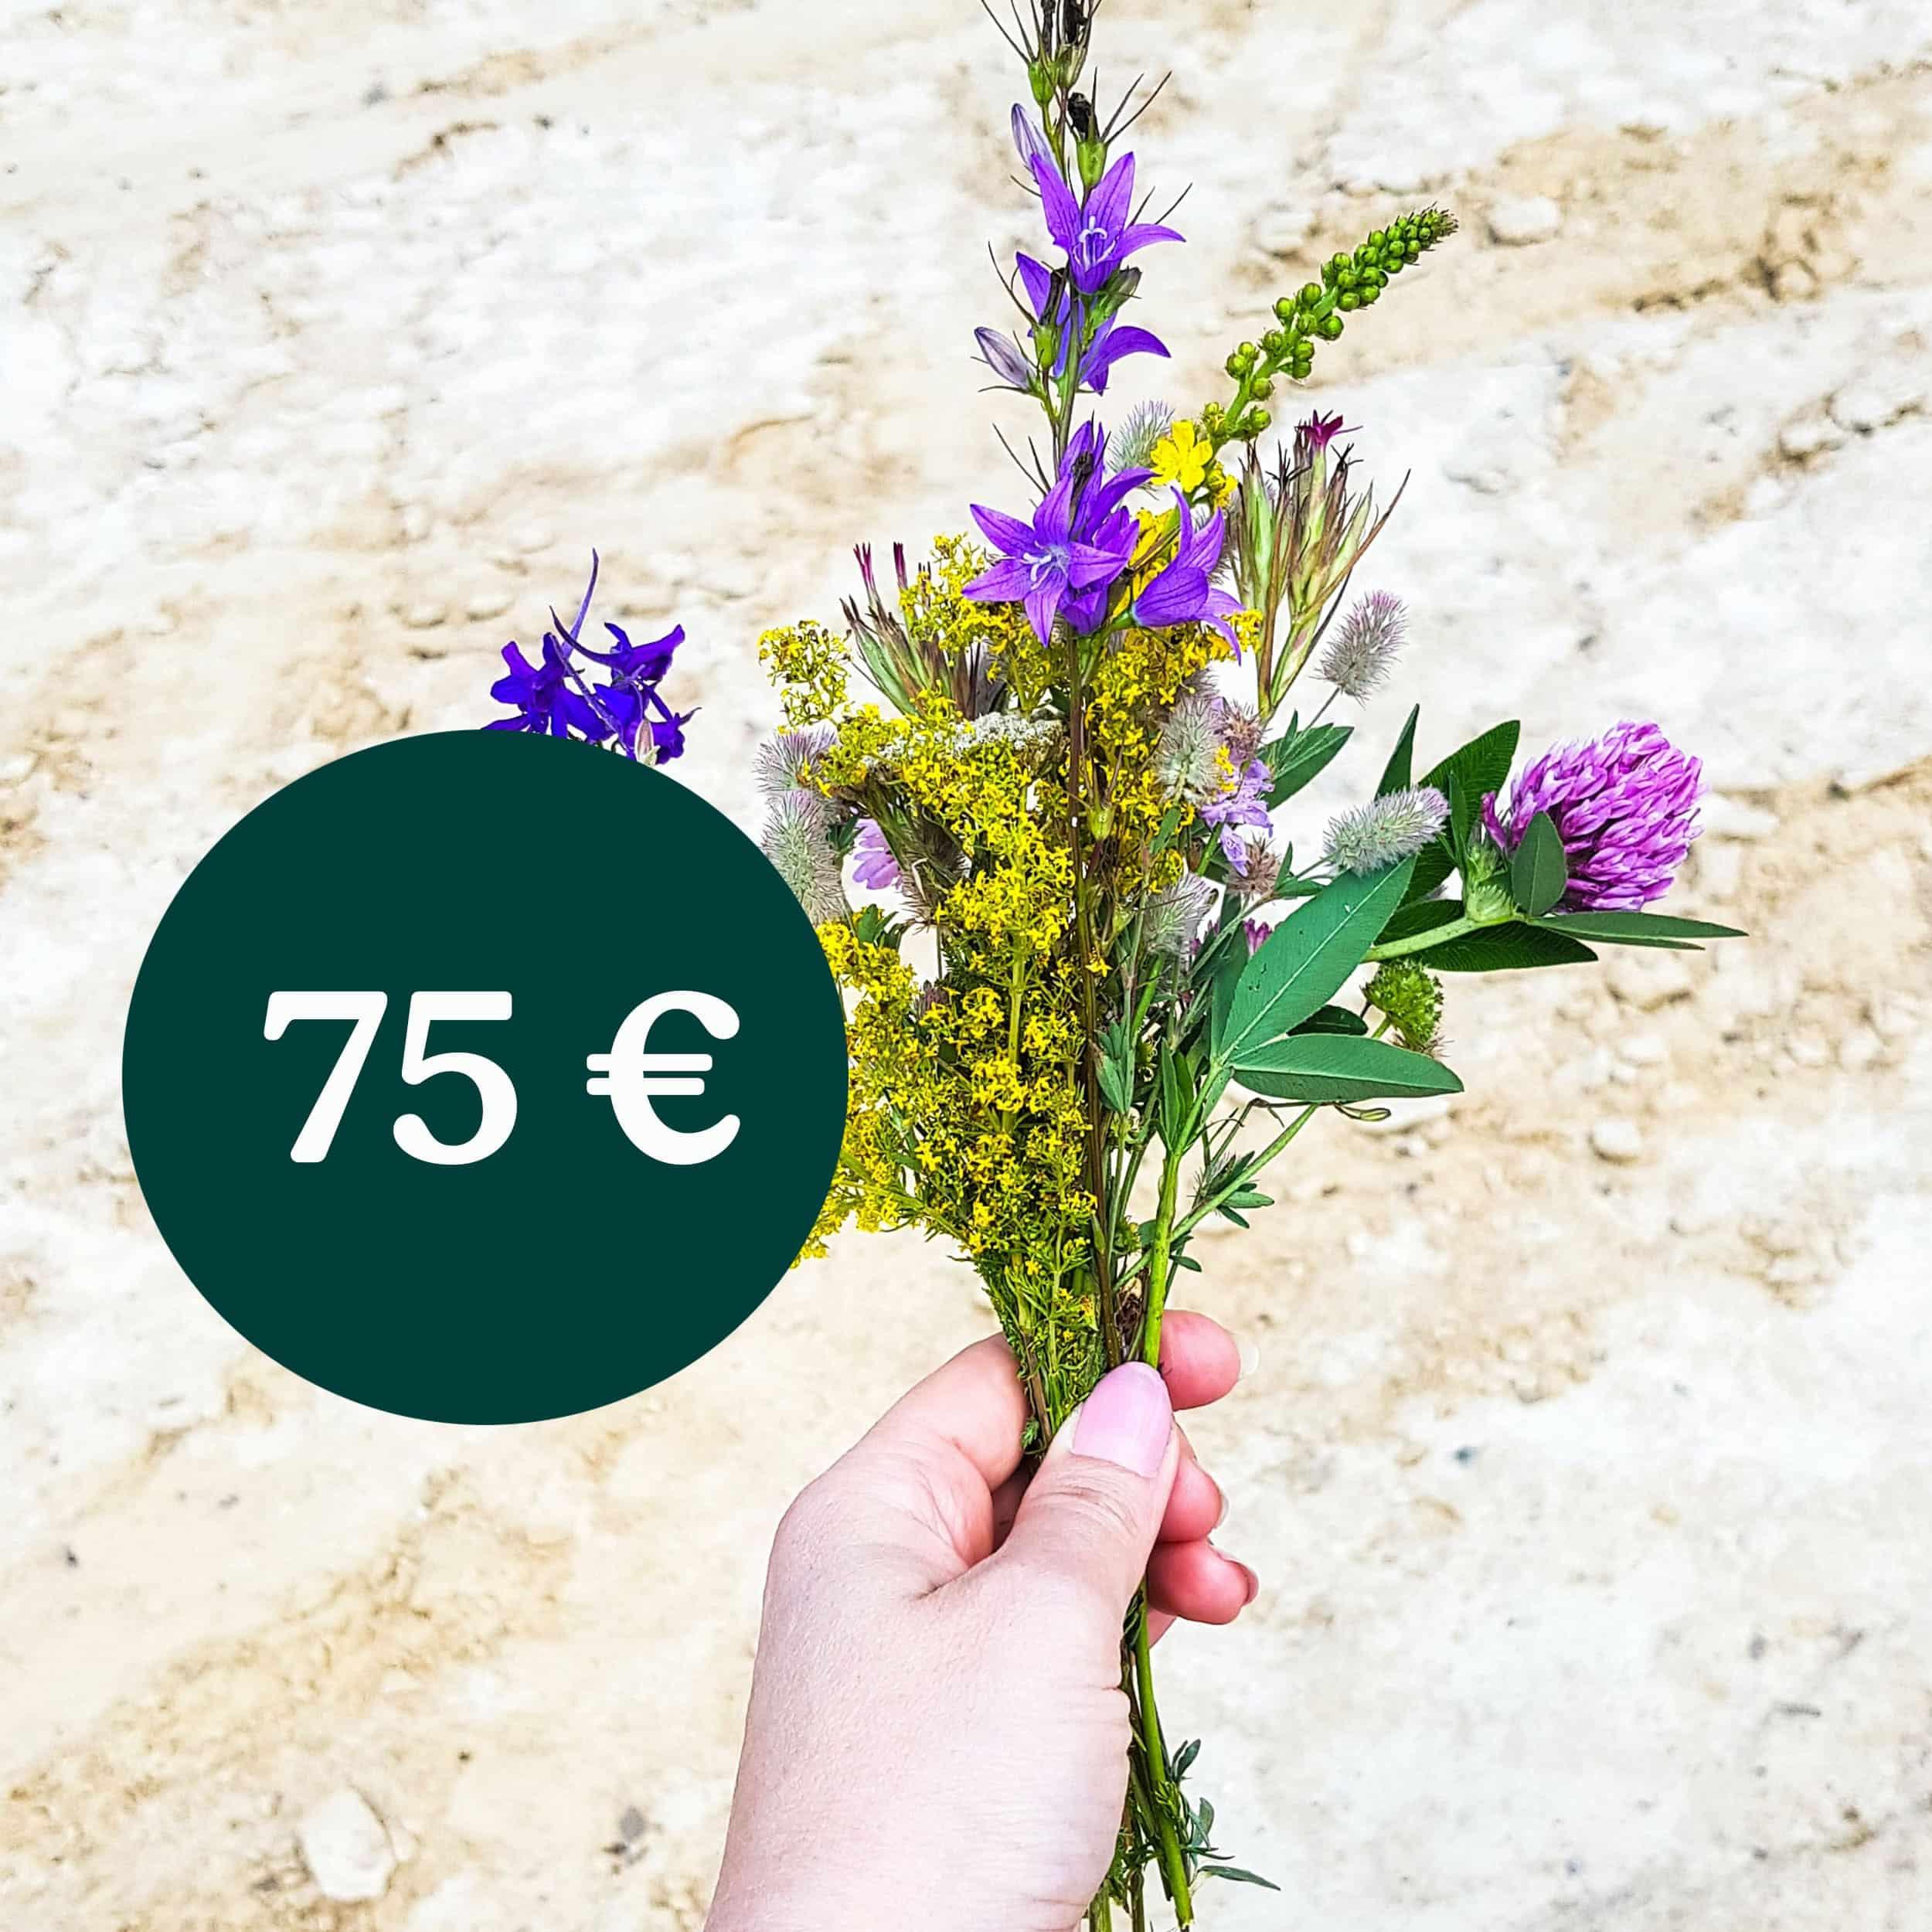 Geschenkgutschein-Code (75,-€)